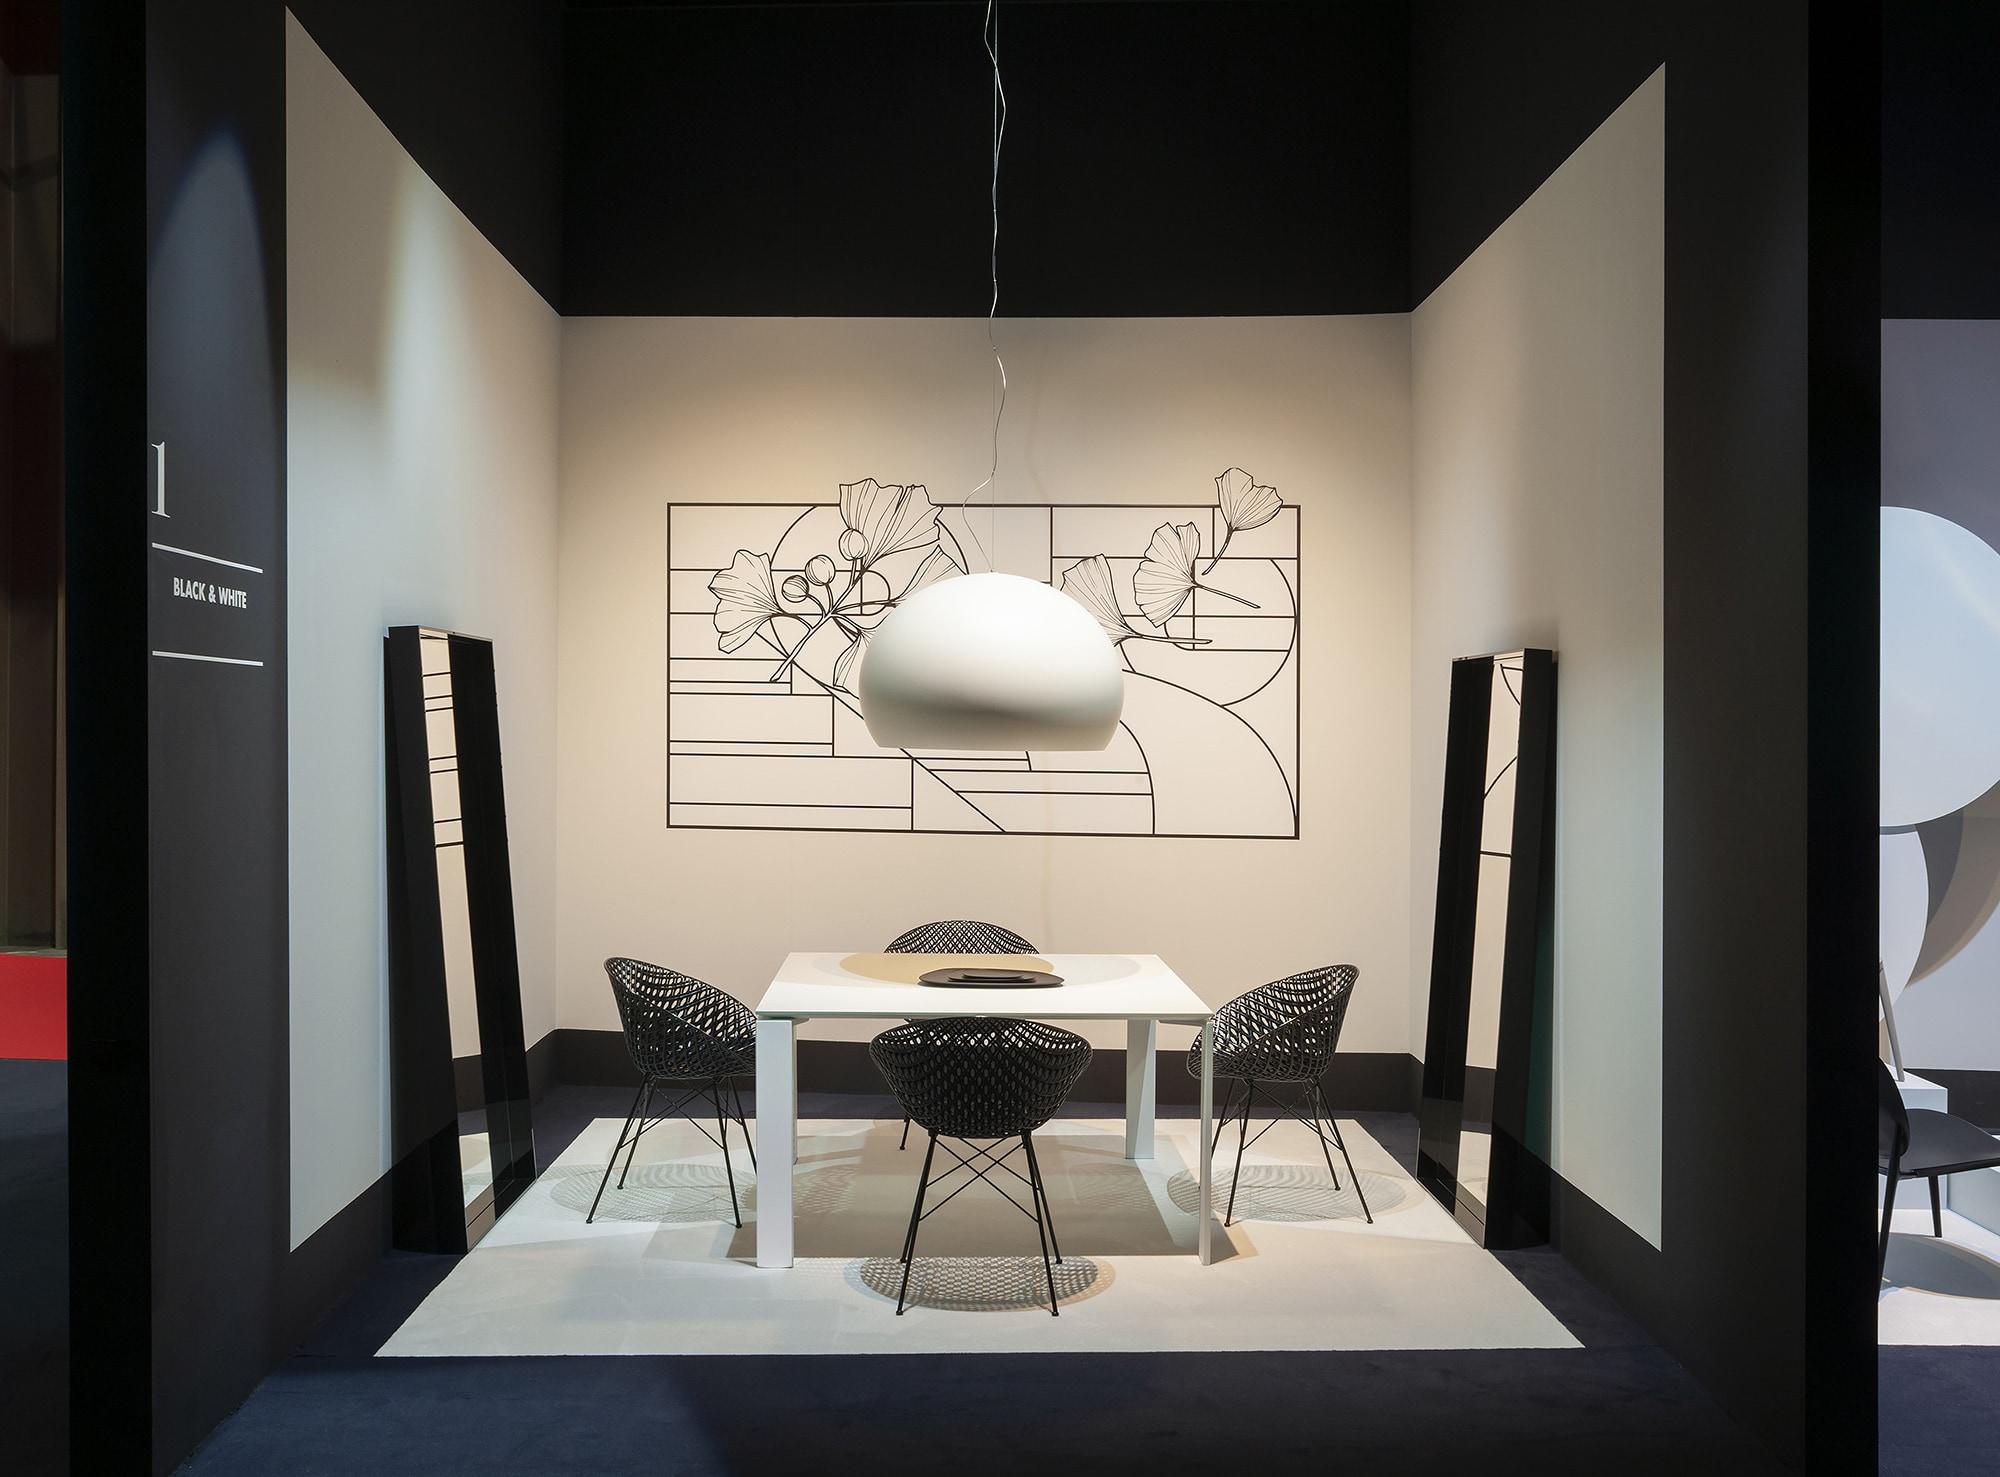 吉岡徳仁デザインのSMATRIKが置かれた、2019年ミラノサローネのカルテルスタンド。